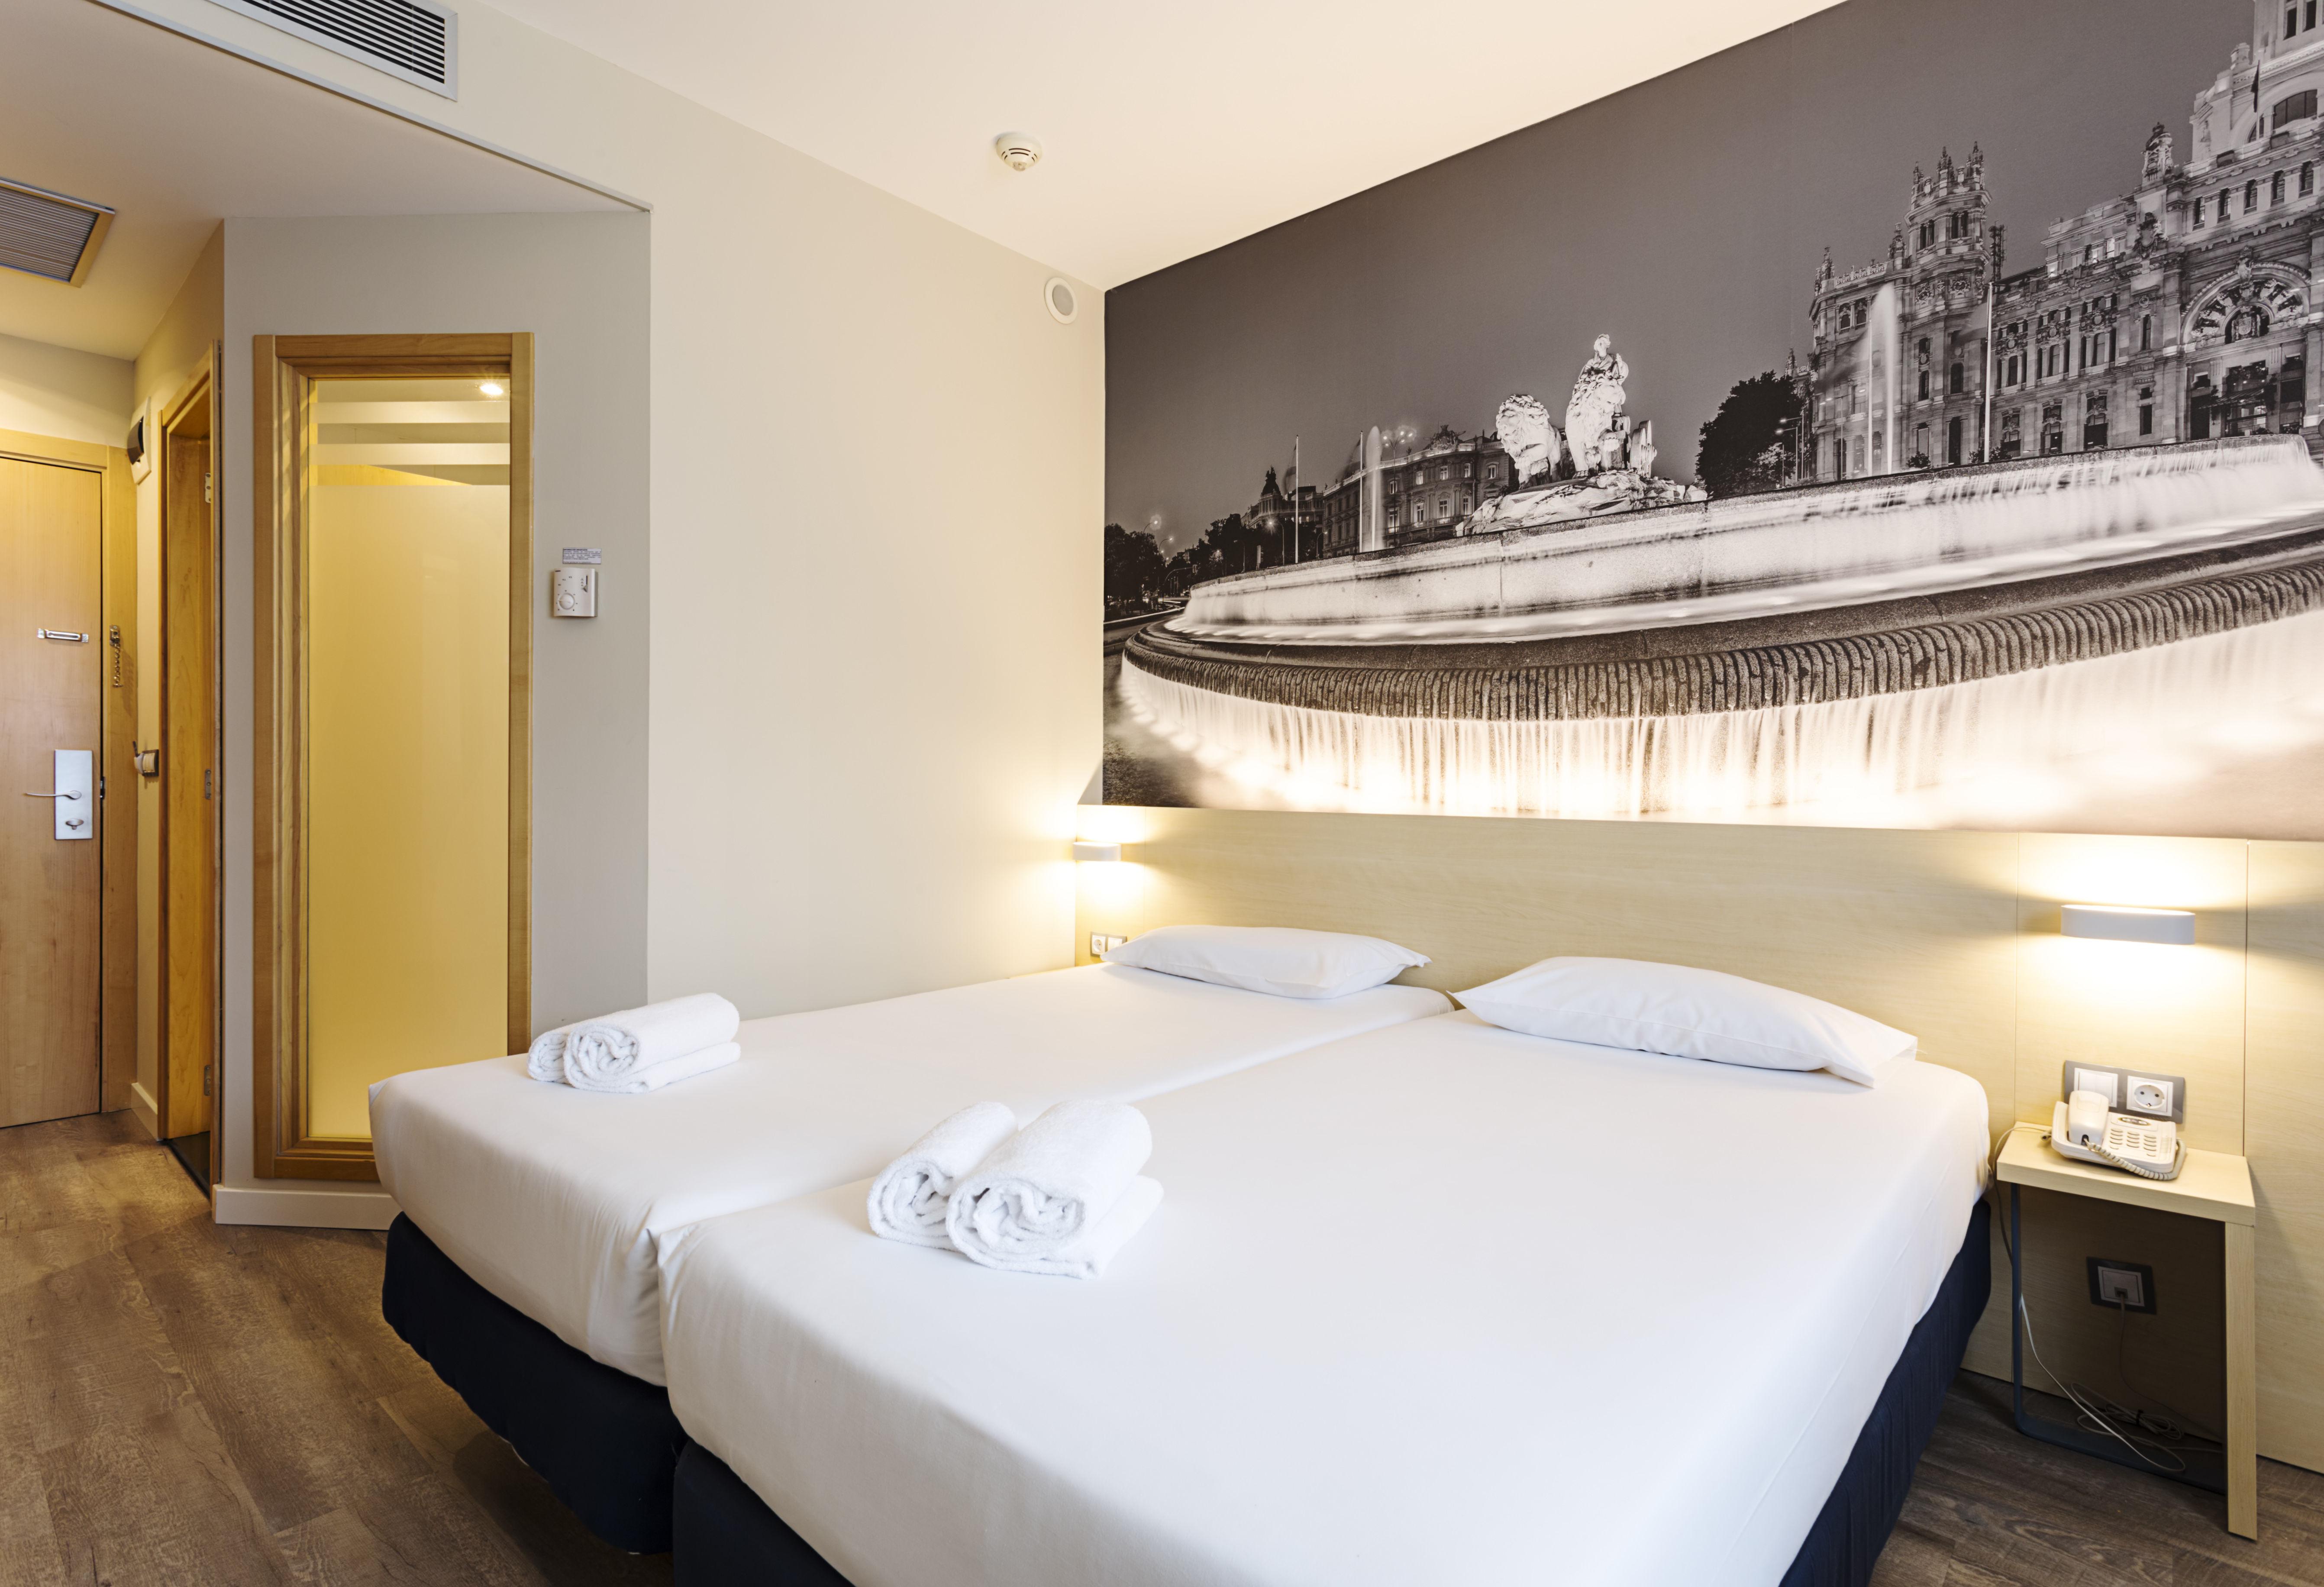 Habitación doble dos camas separadas Fumadores del hotel B&b Madrid Airport